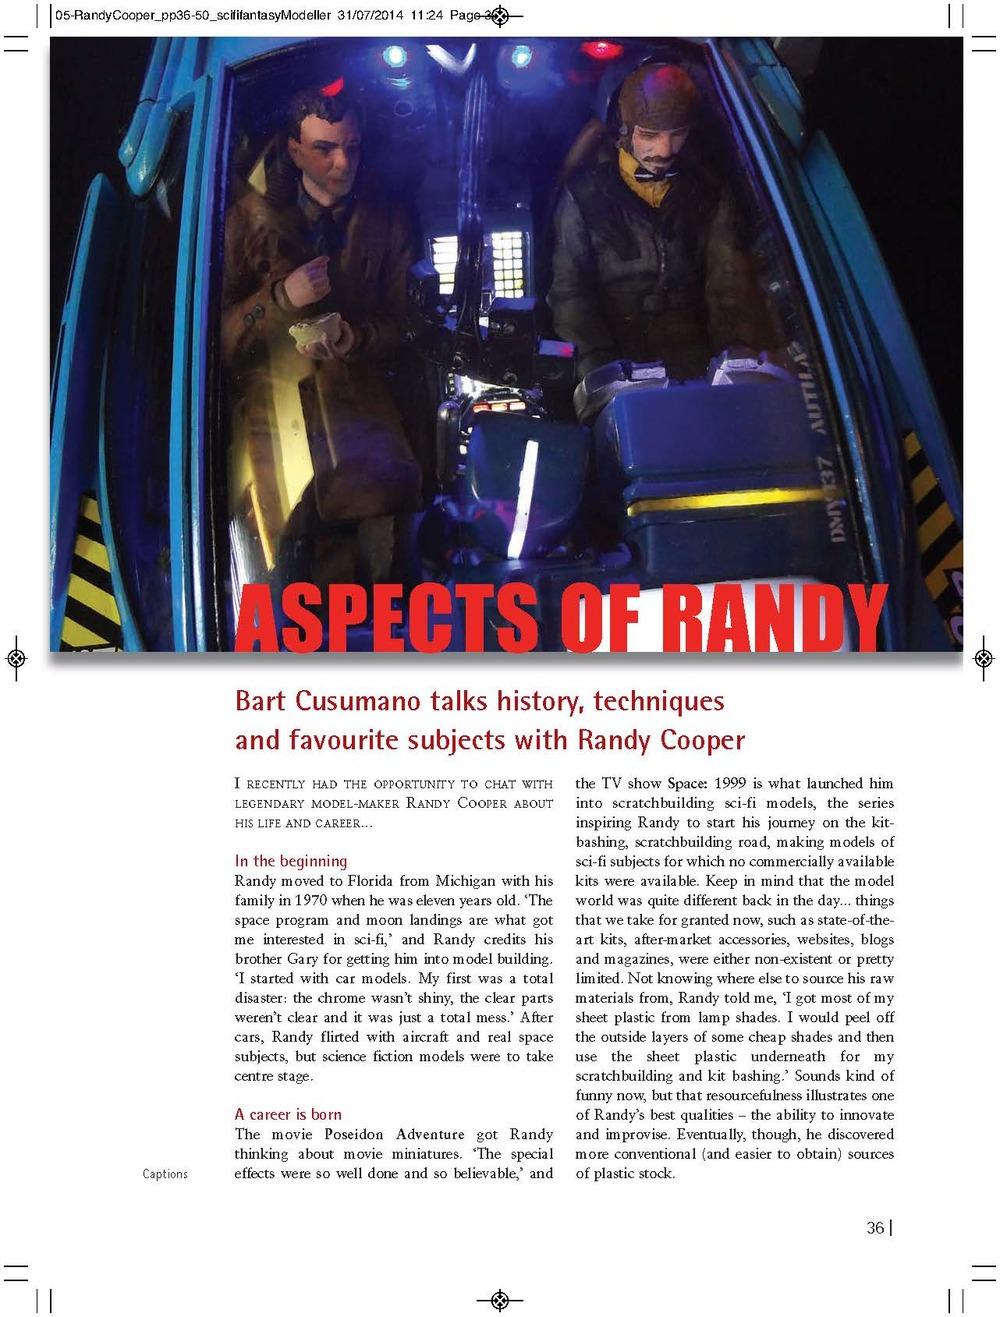 scififantasyModeller 1_Page_01.jpg